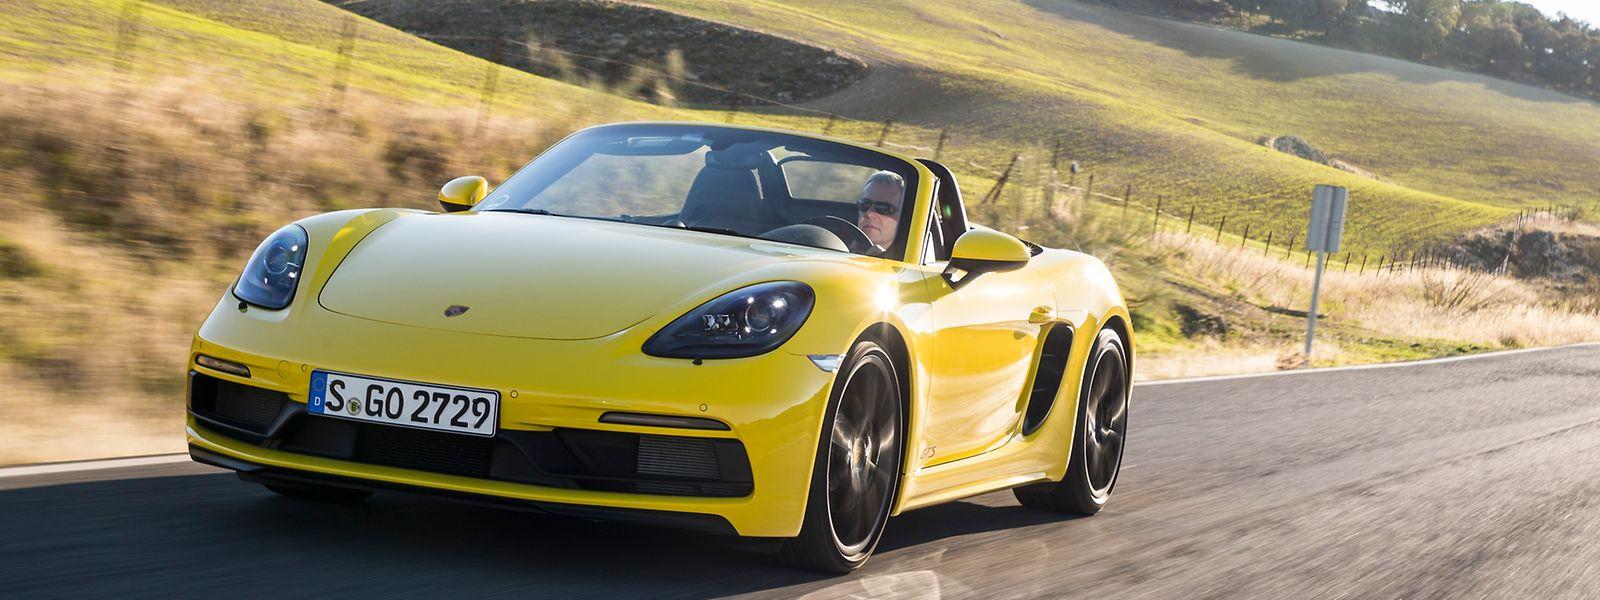 Der Porsche 718 Boxster GTS sprintet wie der 718 Cayman GTS im besten Fall in 4,1 Sekunden von 0 auf 100 km/h.